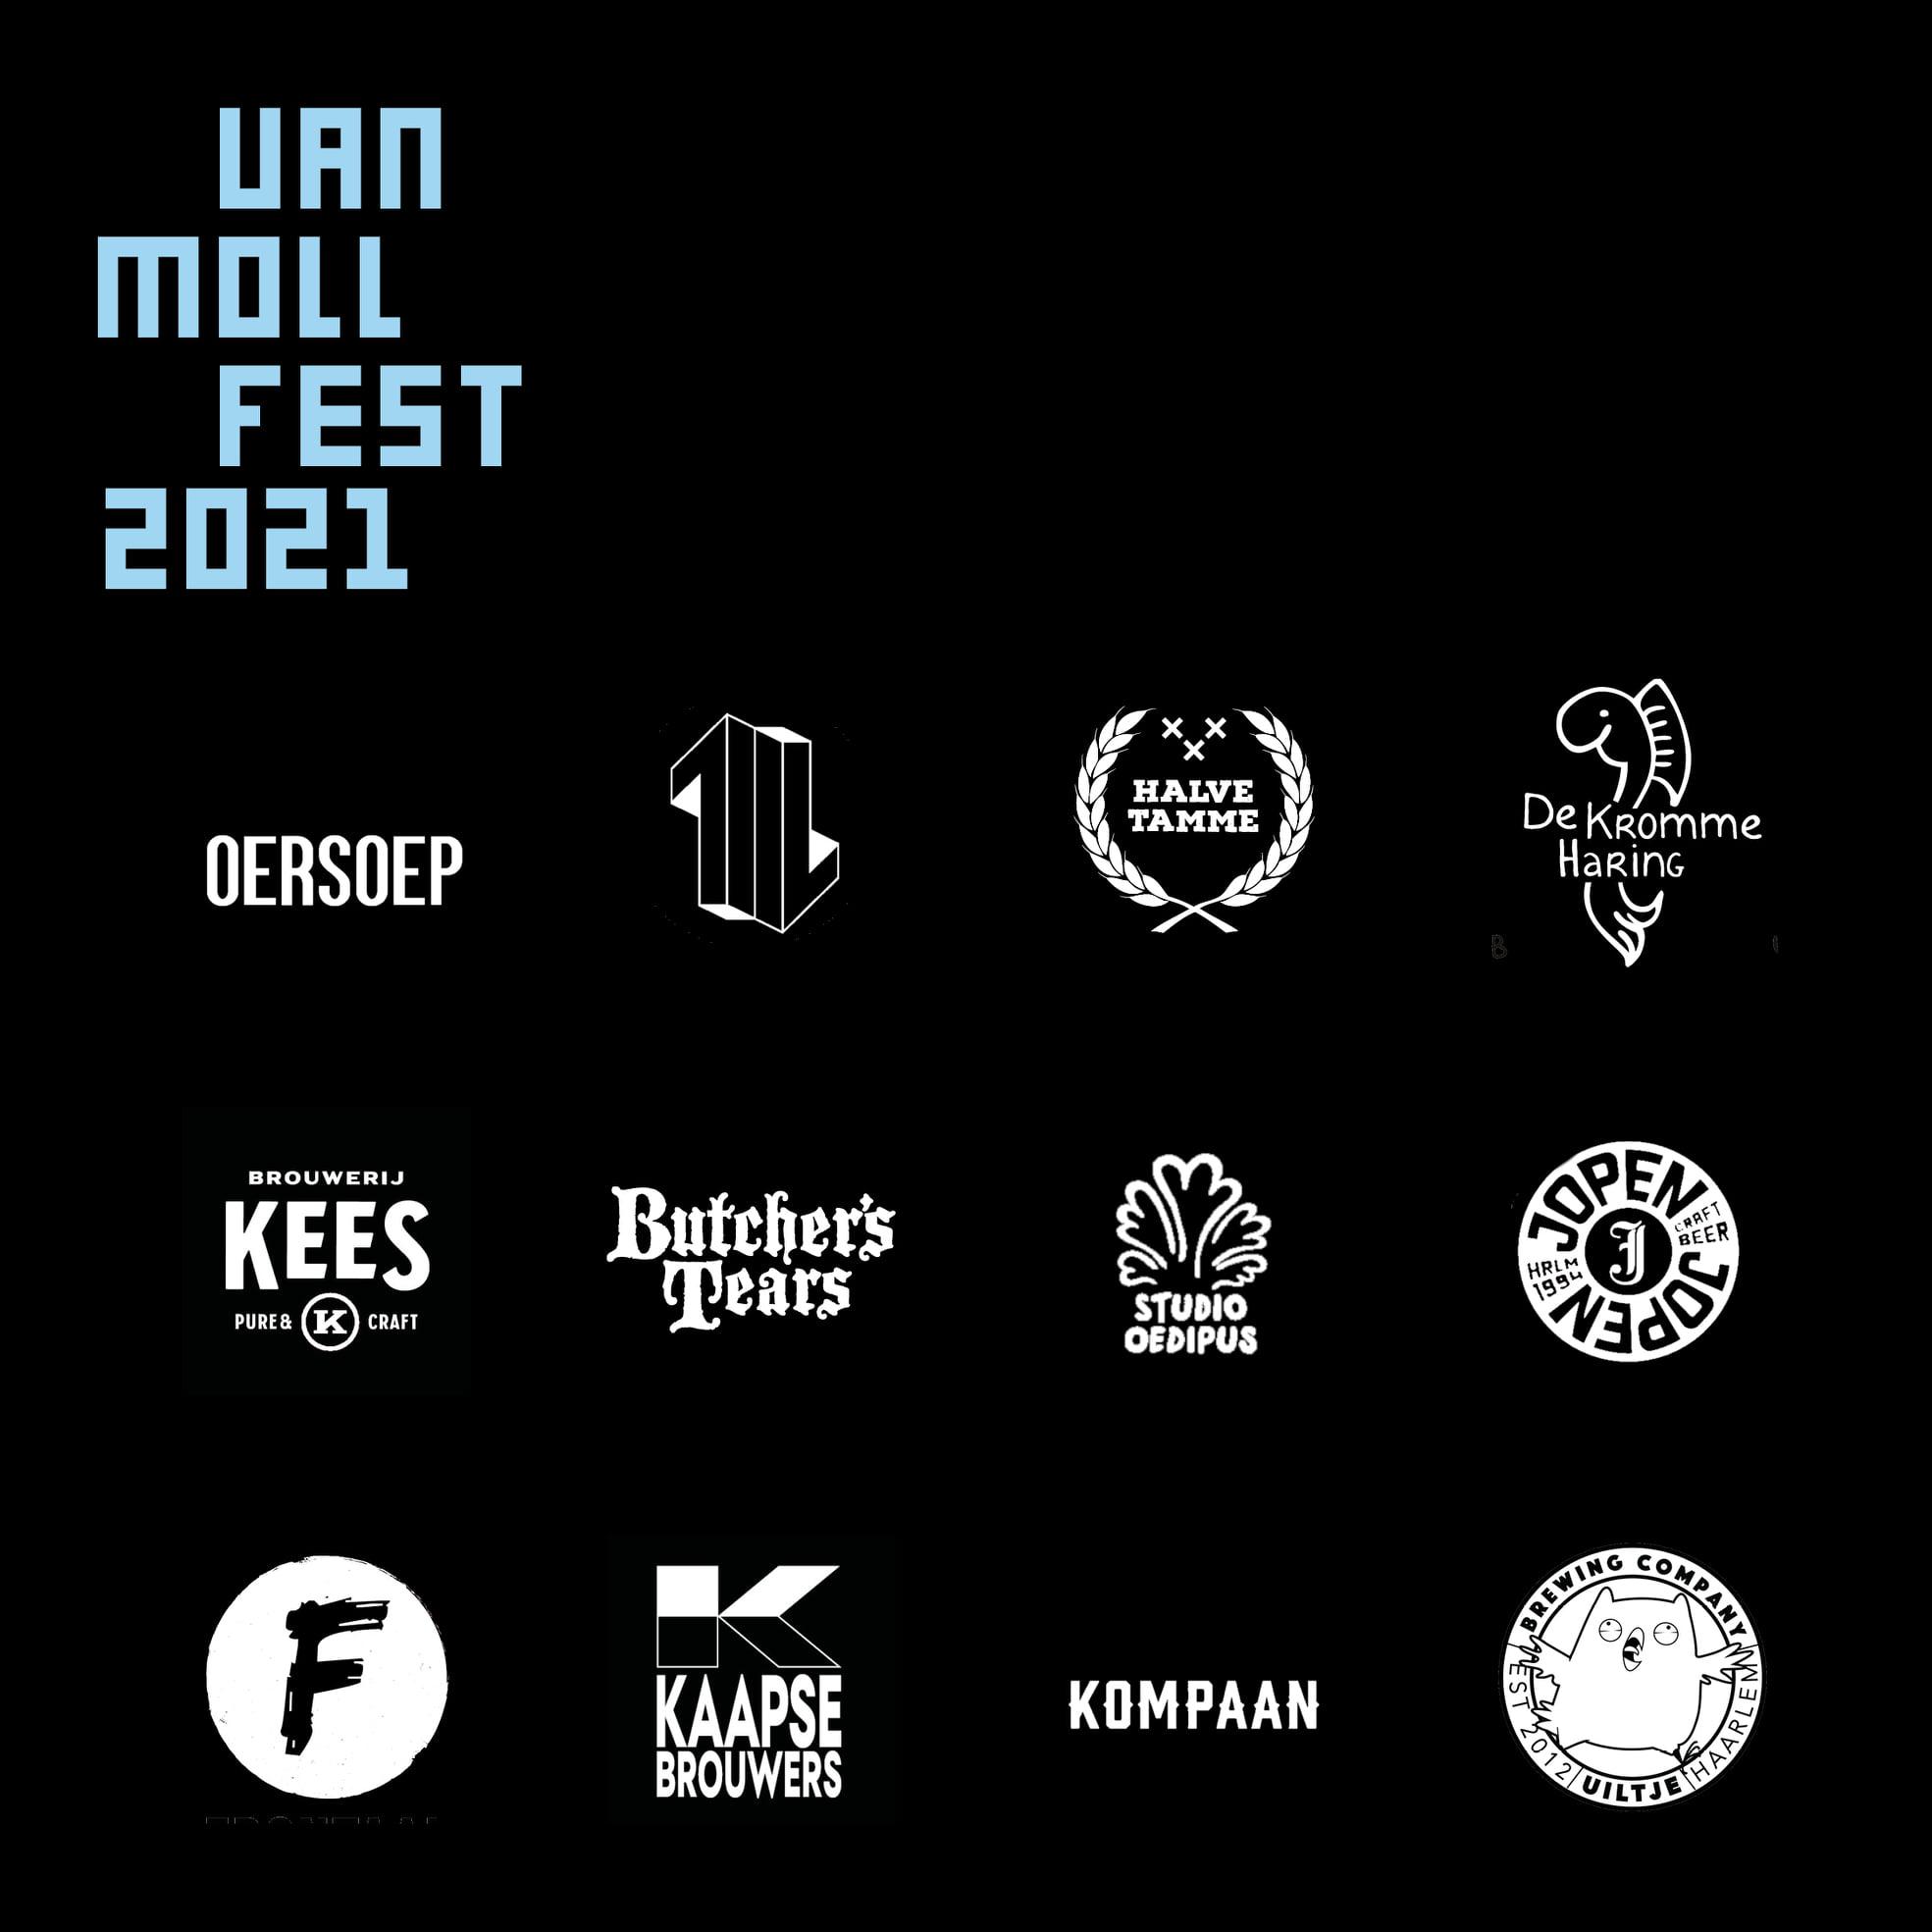 <p>Nederlandse brouwerijen, 14 juni 2021</p>